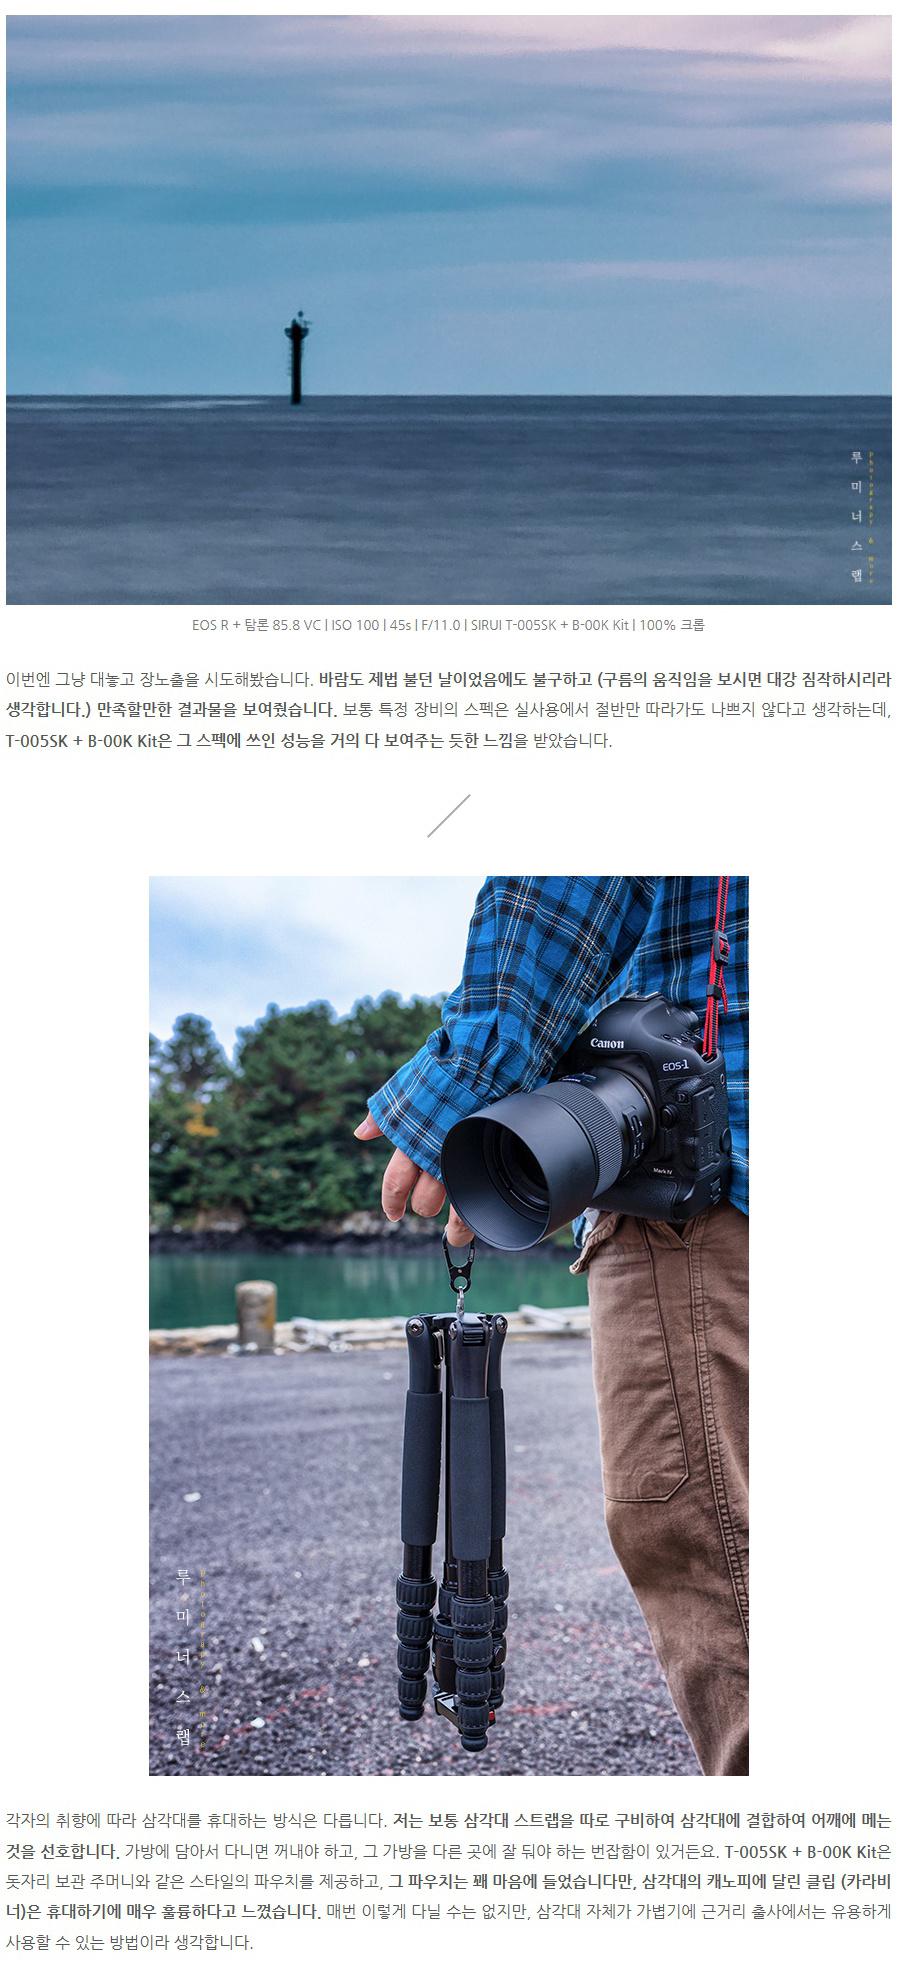 naver_com_20181210_130041_12.jpg